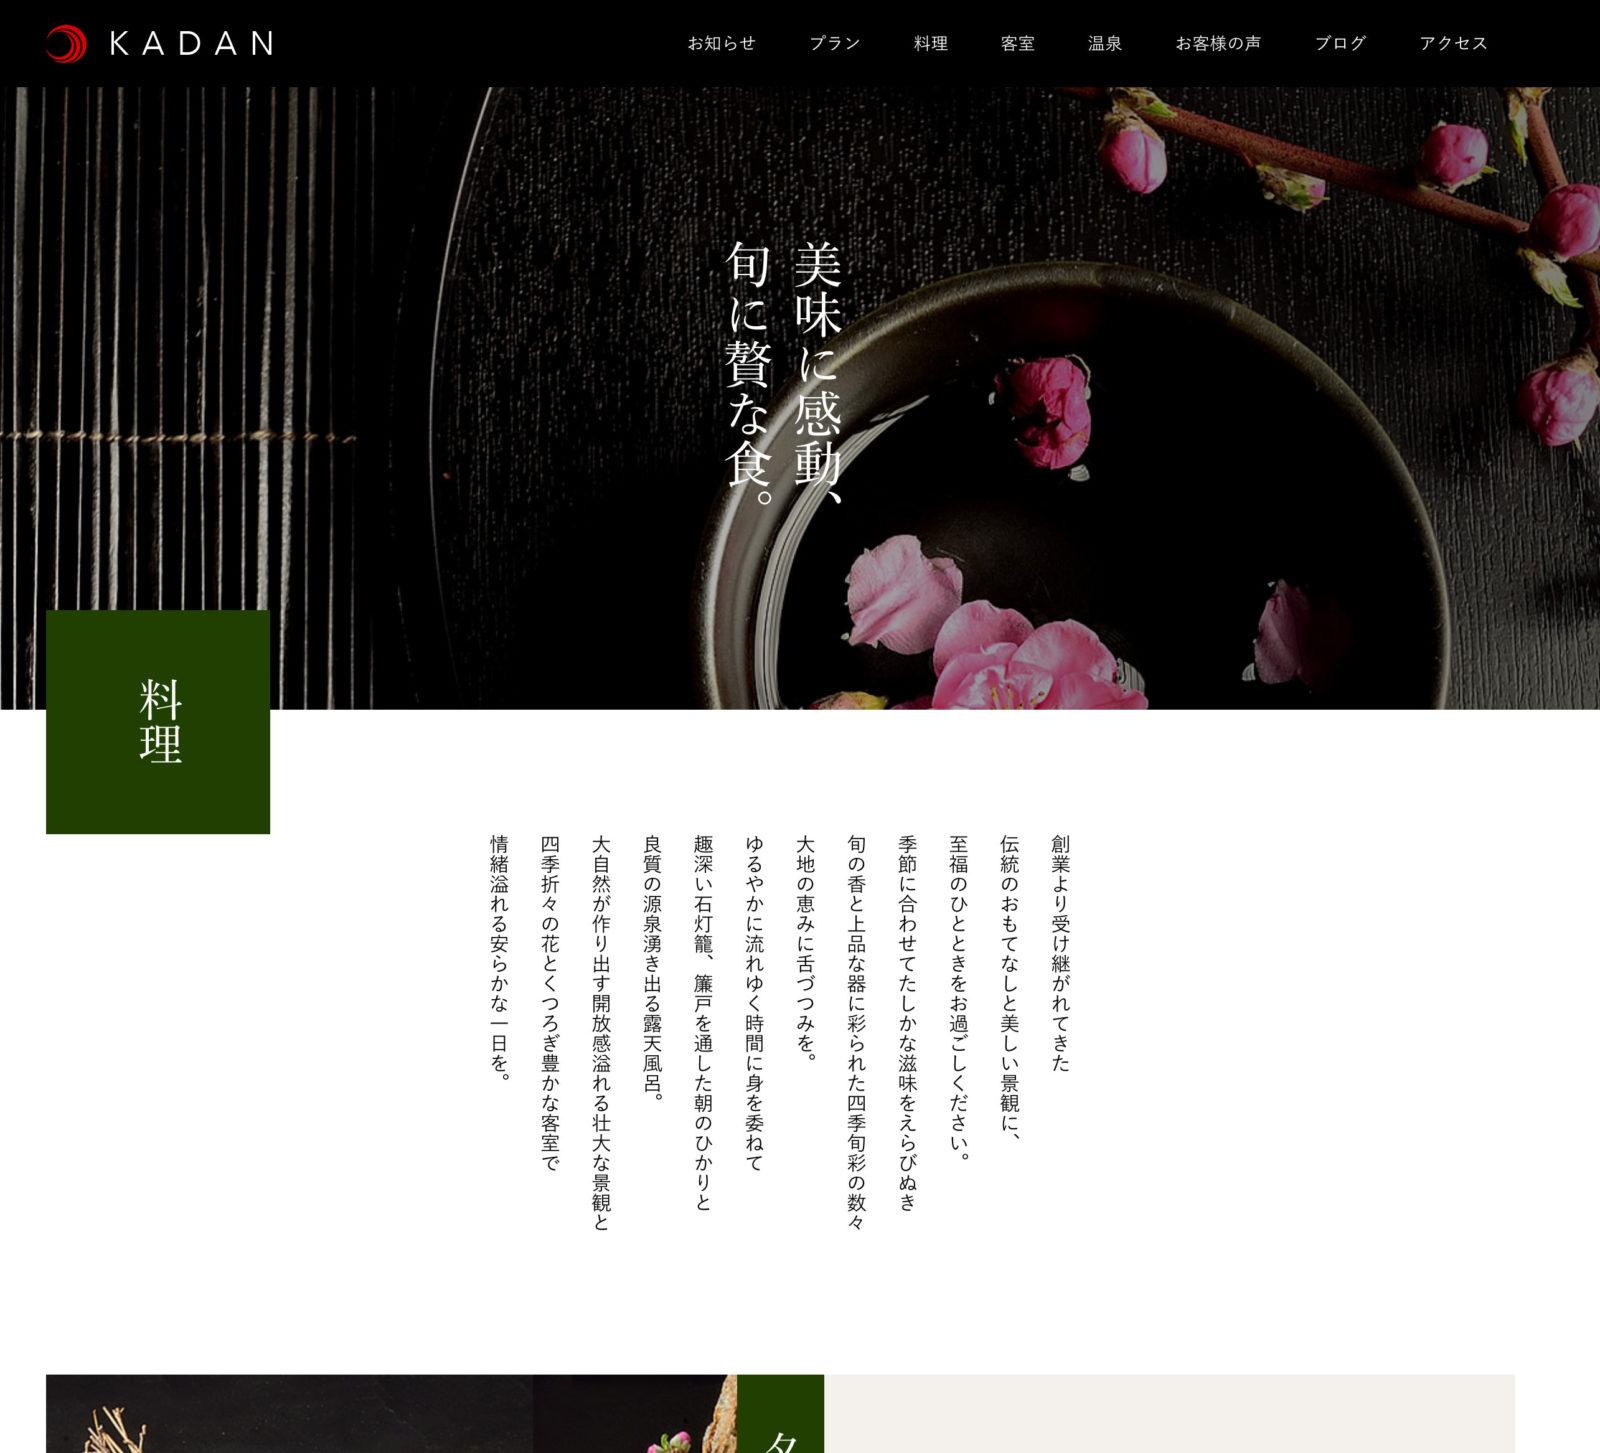 「KADAN」テンプレート:料理